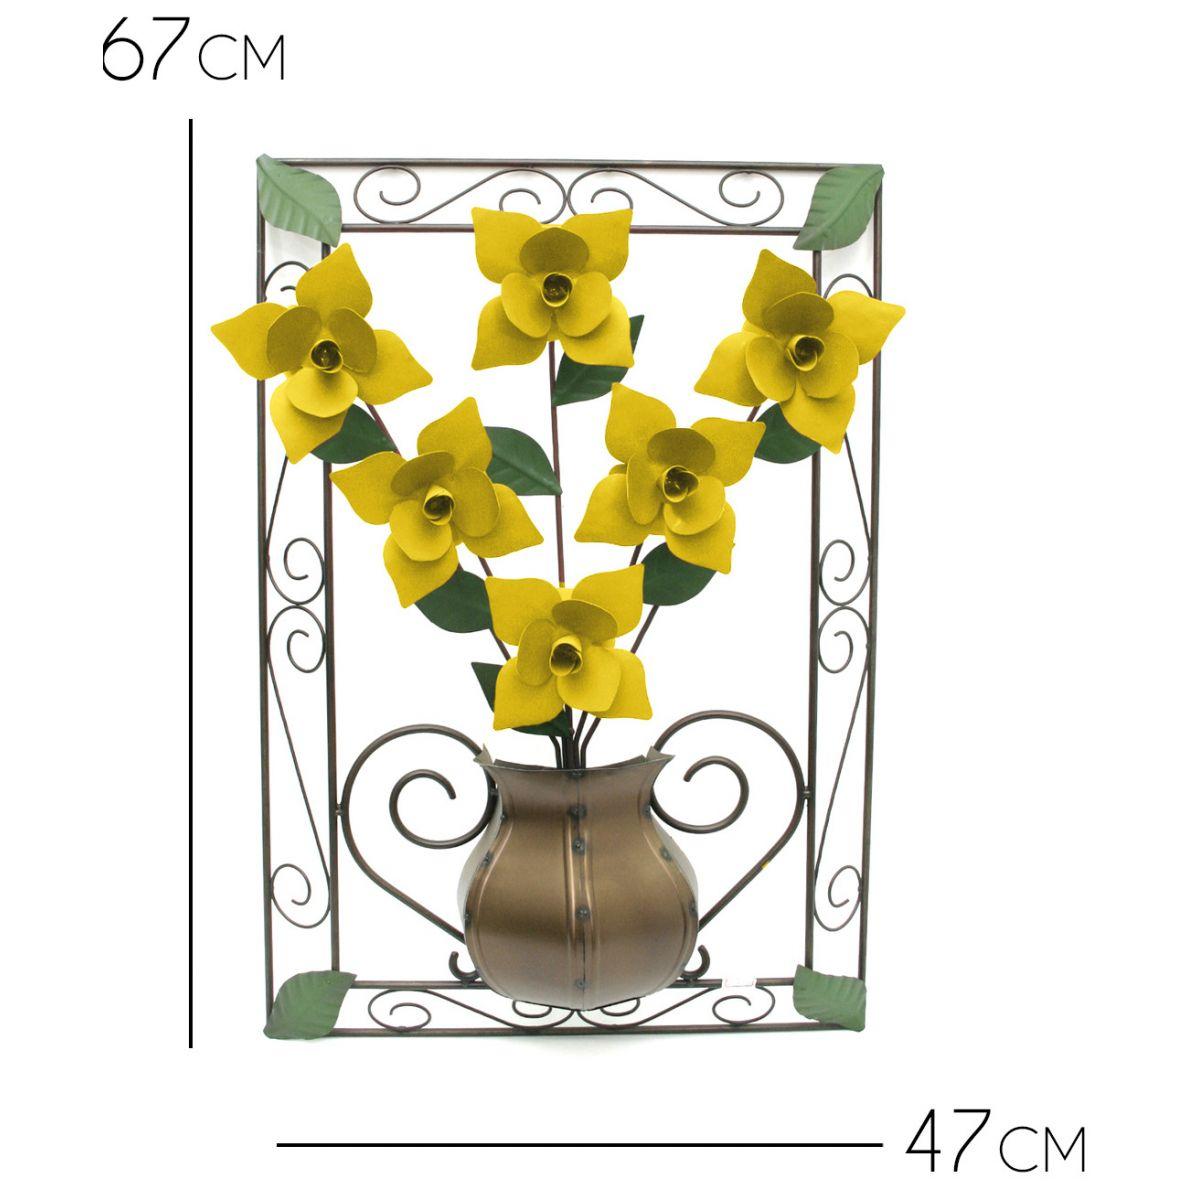 Quadro para Sala de Ferro Artesanal para Parede Decoração com Flores